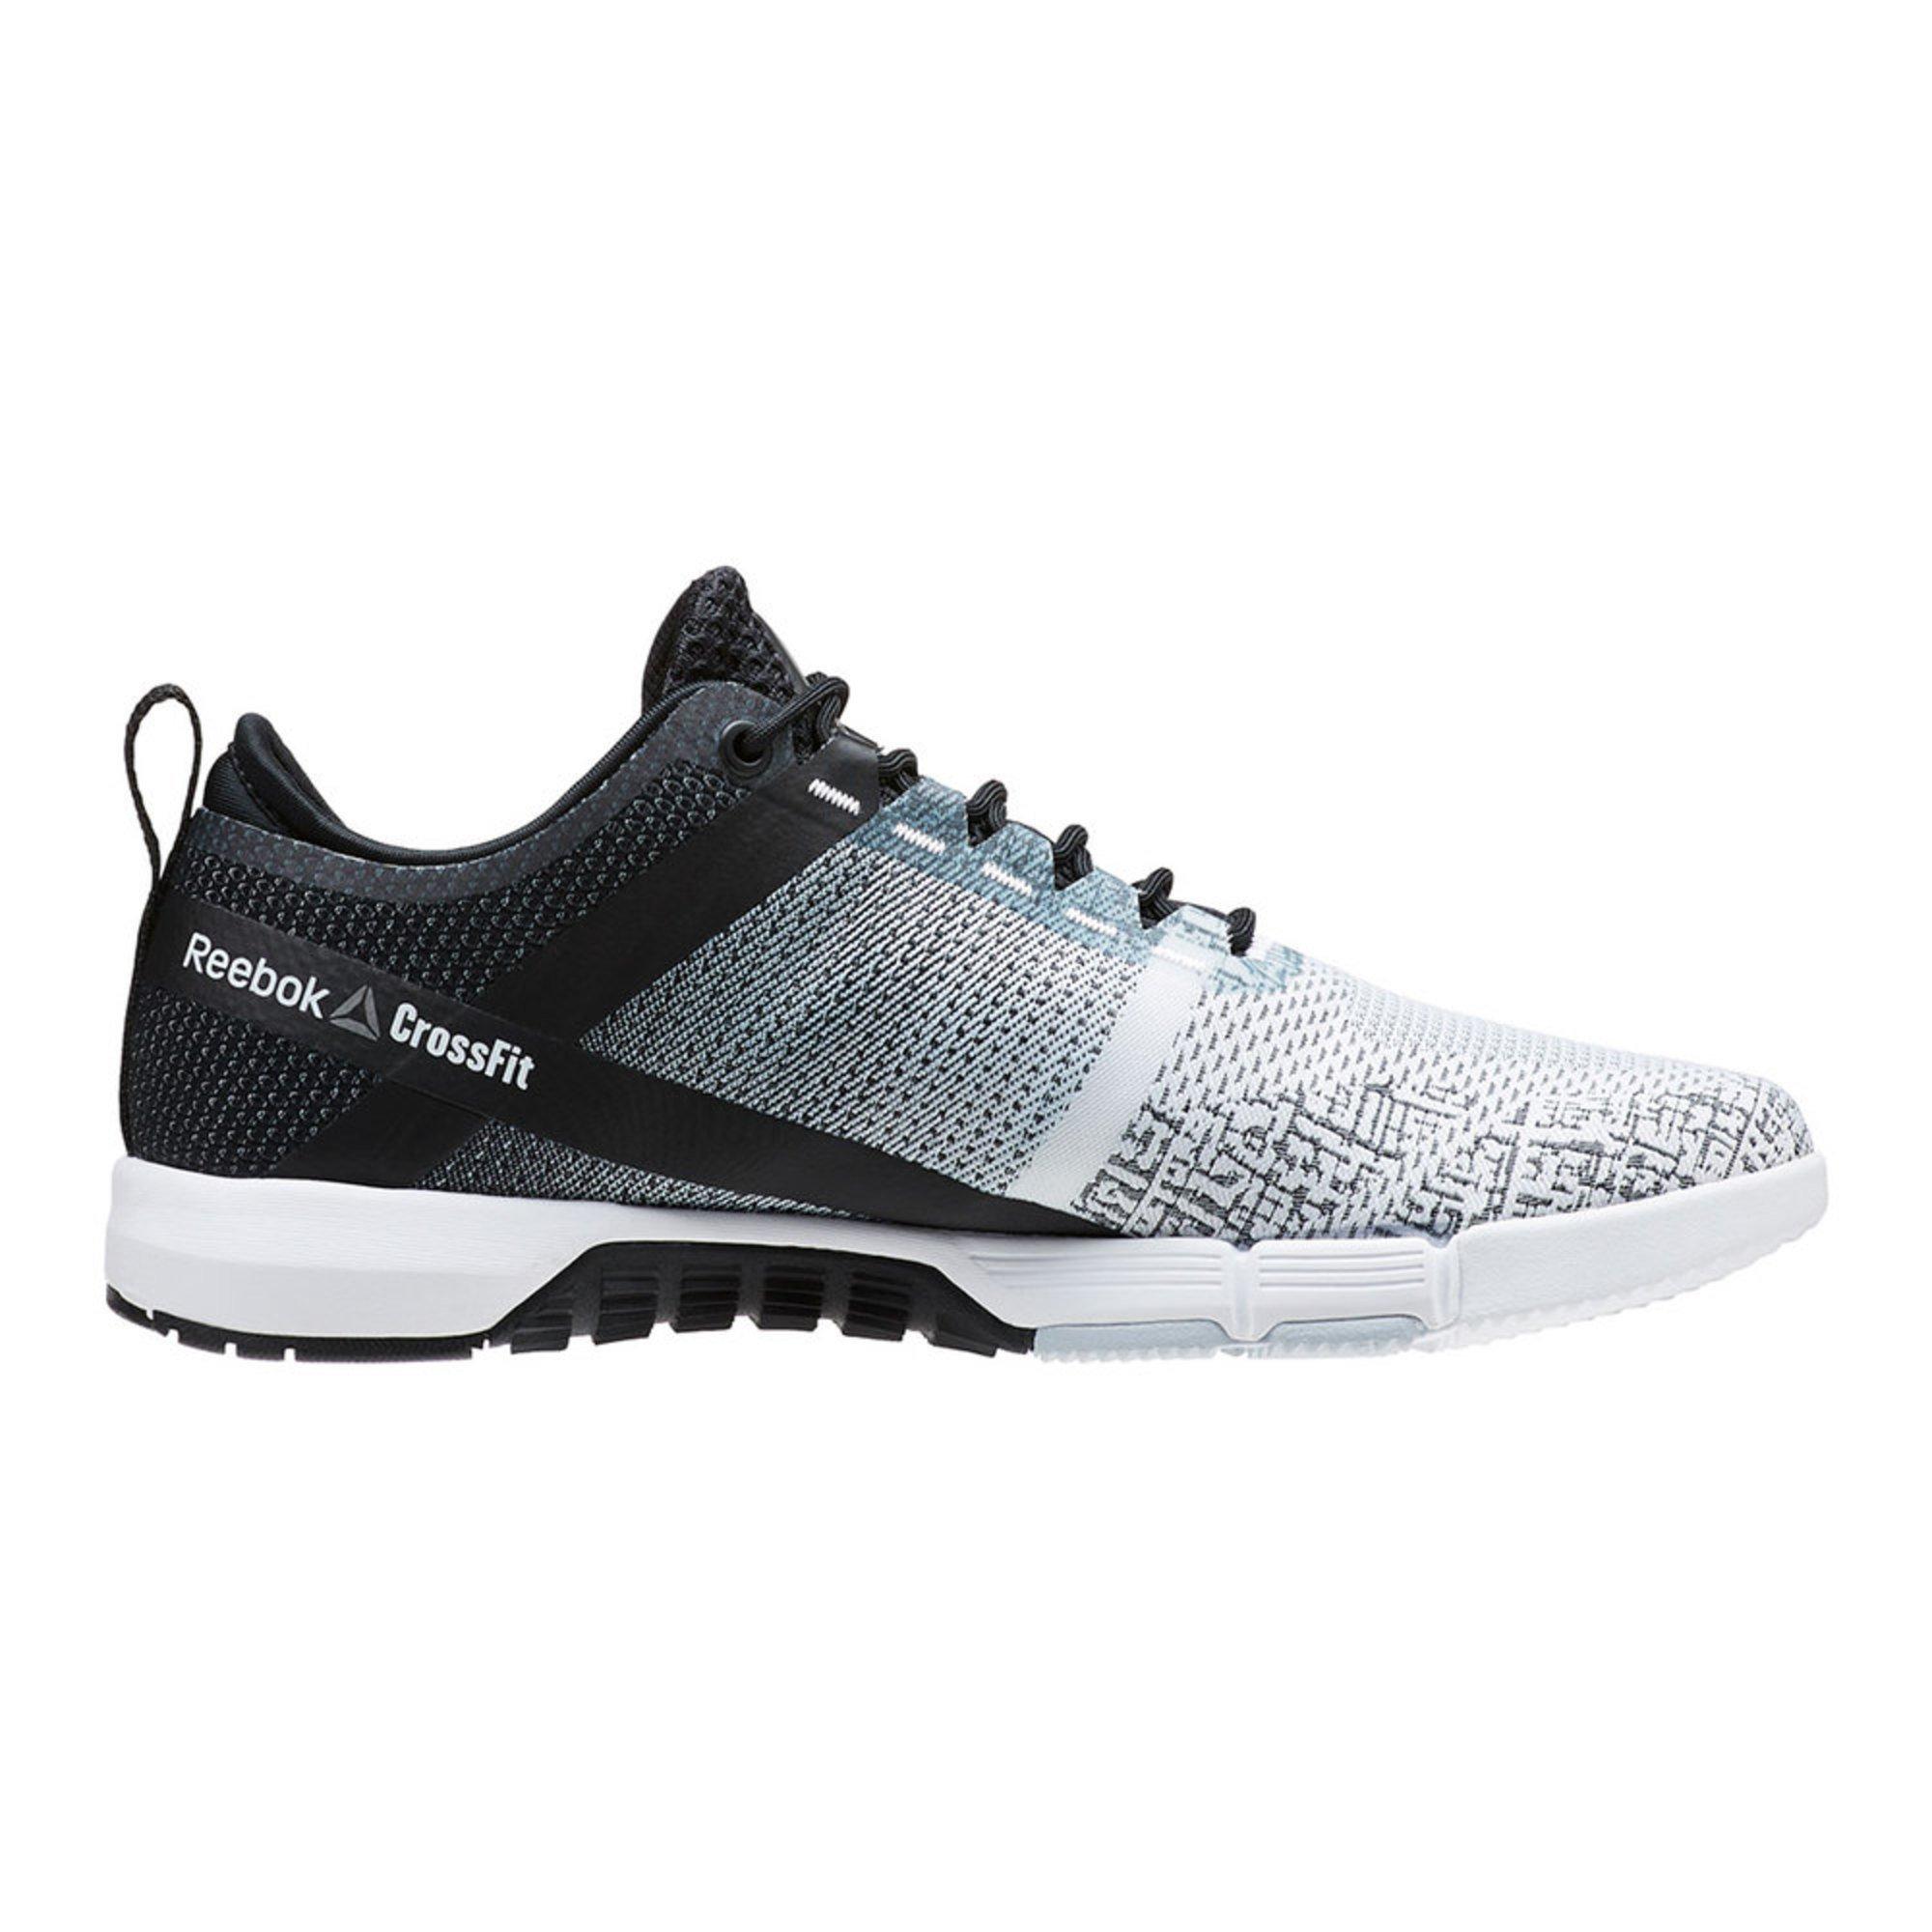 ce7789d8a30 Reebok Women s Crossfit Grace Tr Running Shoe